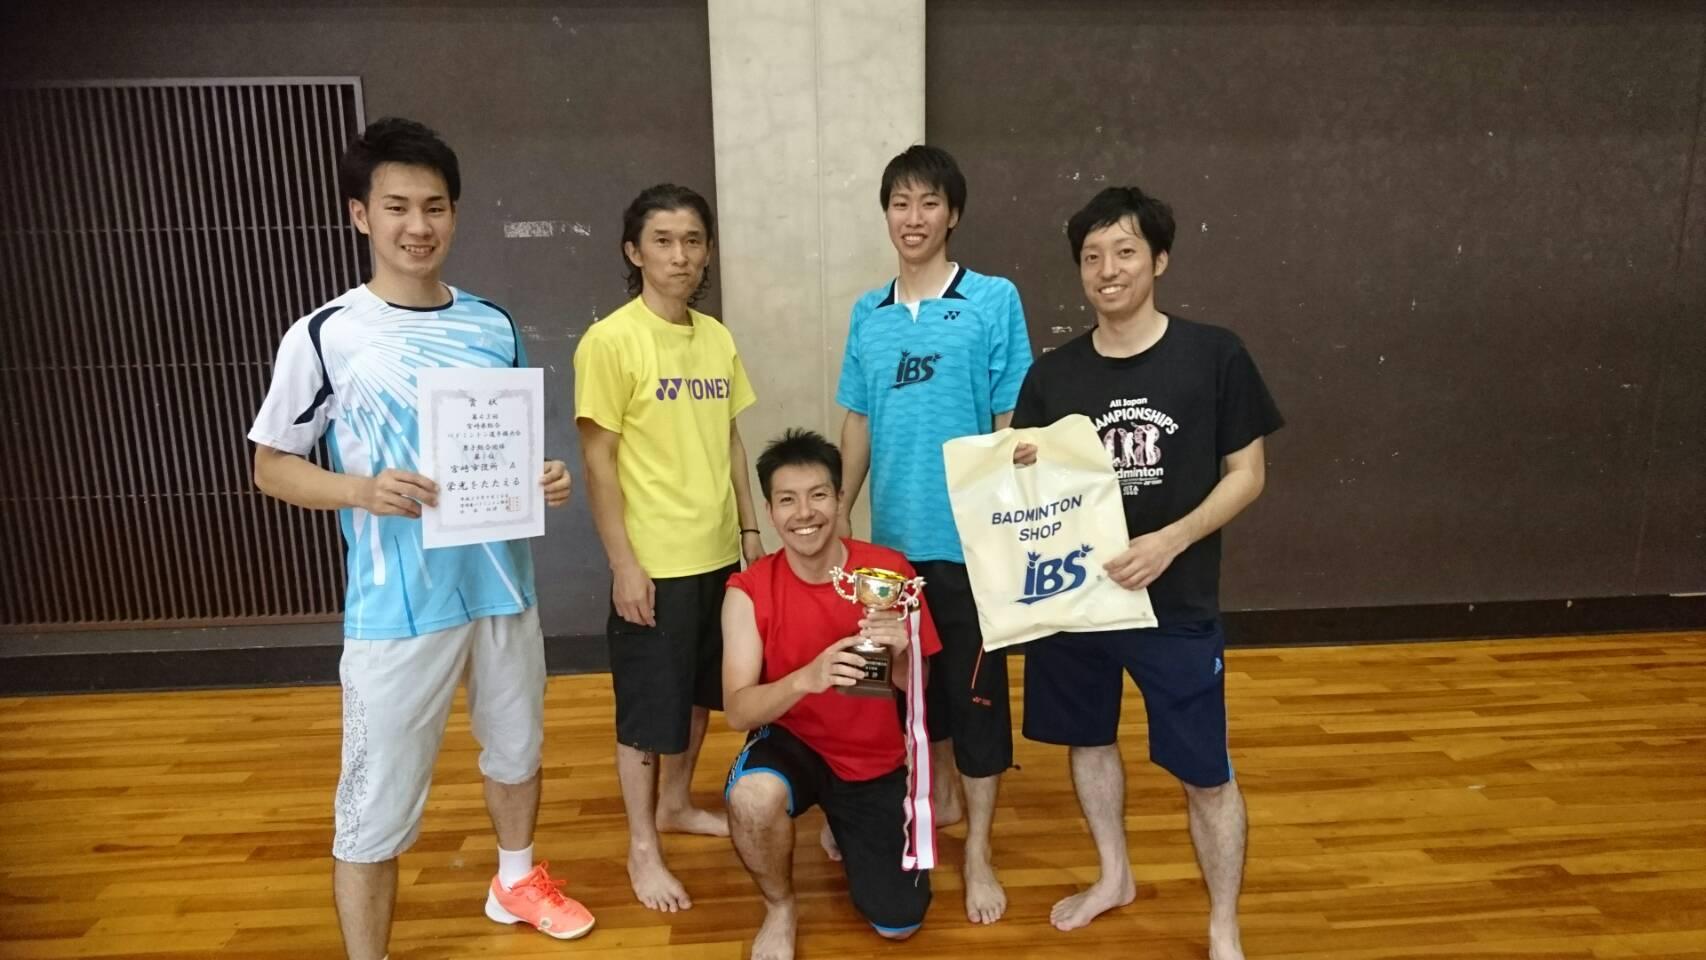 第43回宮崎県総合選手権大会団体戦